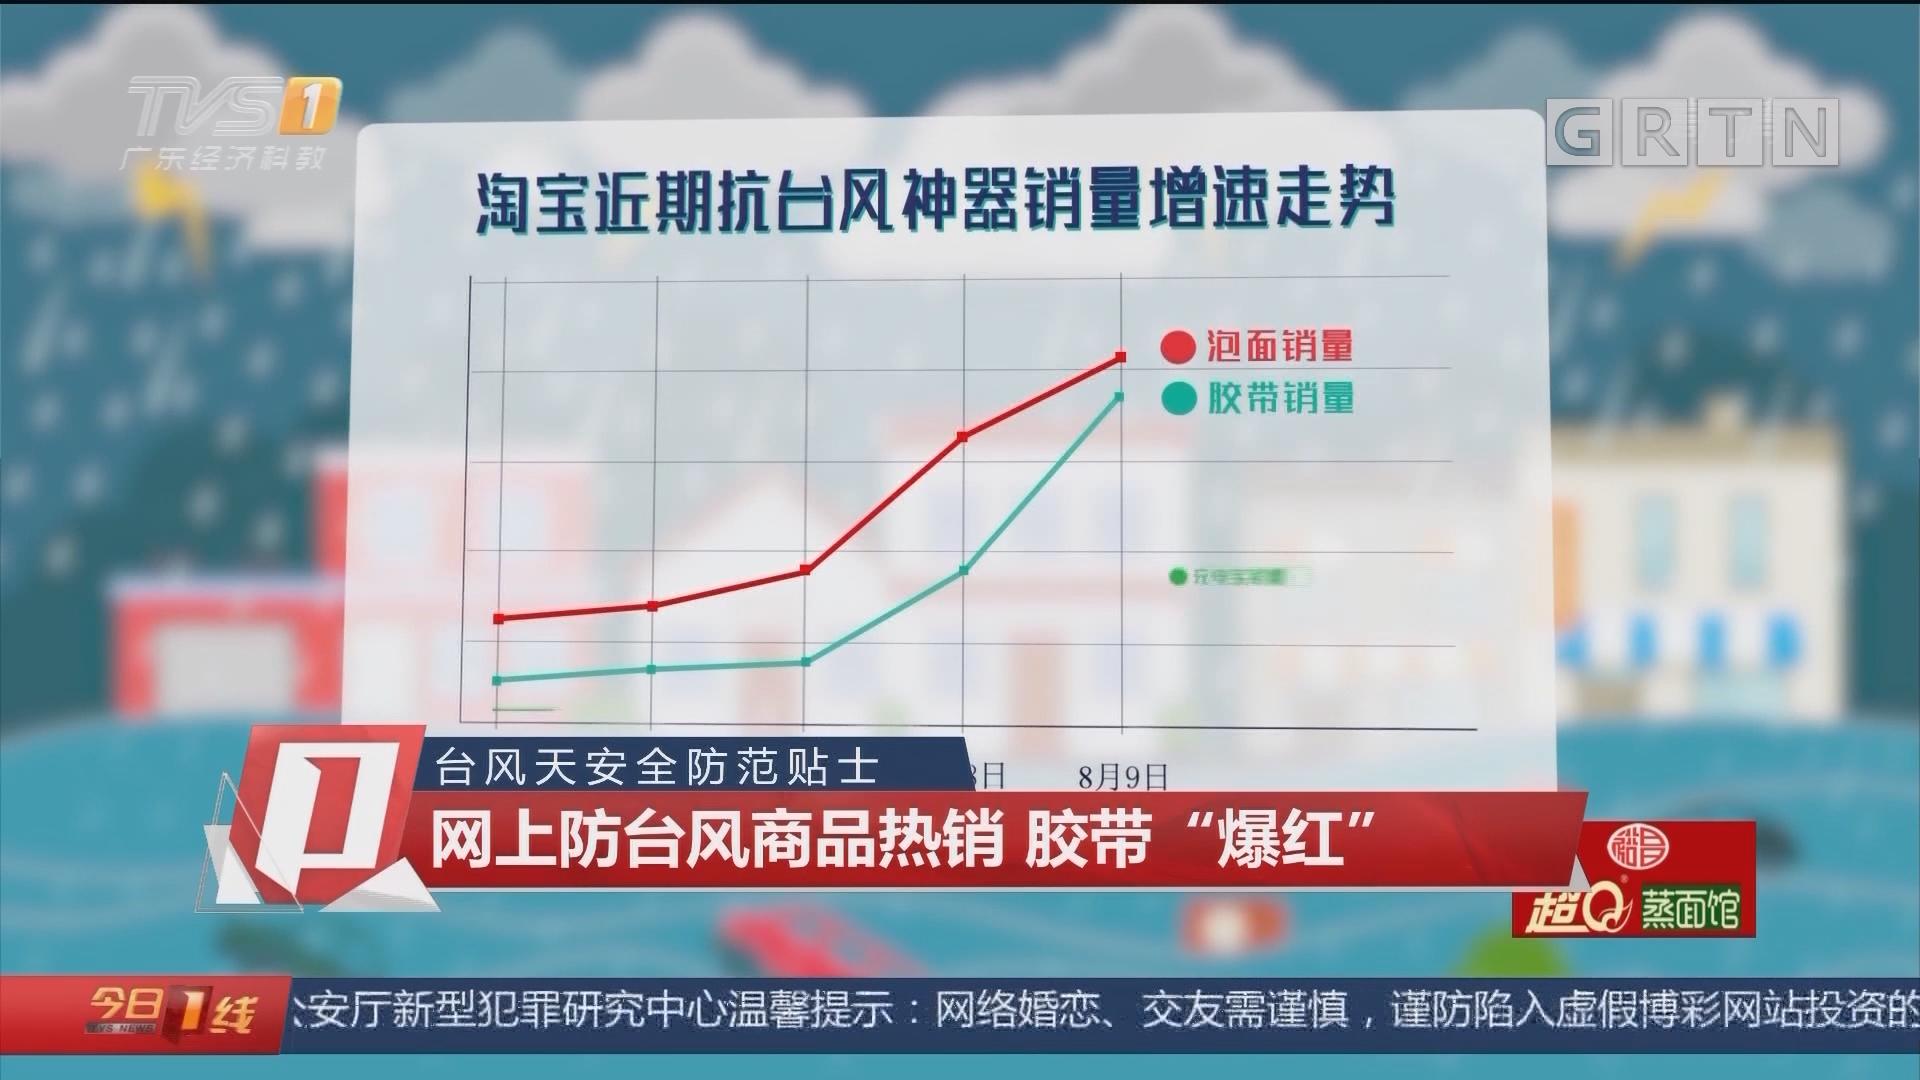 """台风天安全防范贴士:网上防台风商品热销 胶带""""爆红"""""""